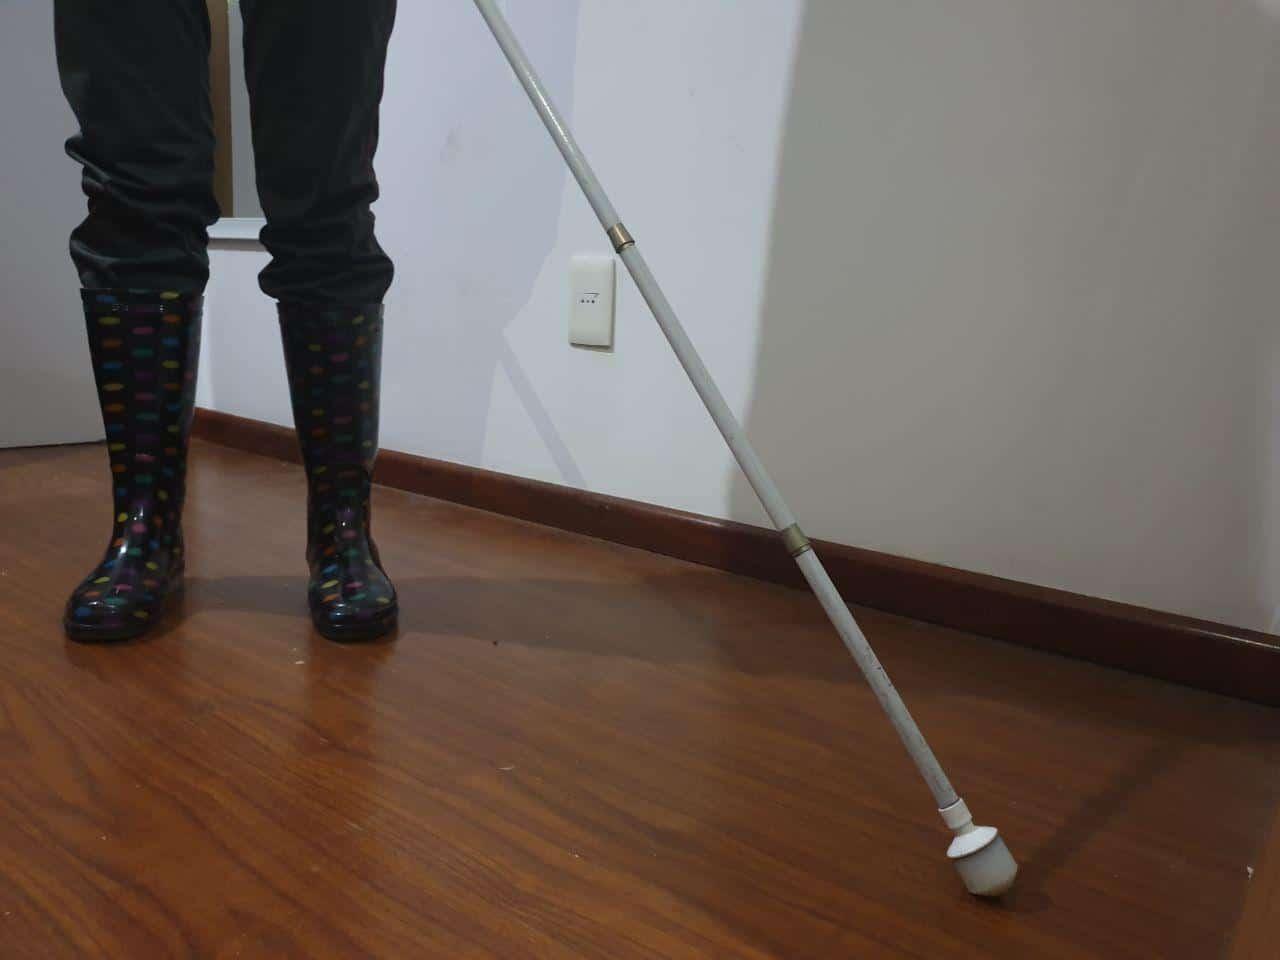 Se muestran unas botas de lluvia con un bastón blanco